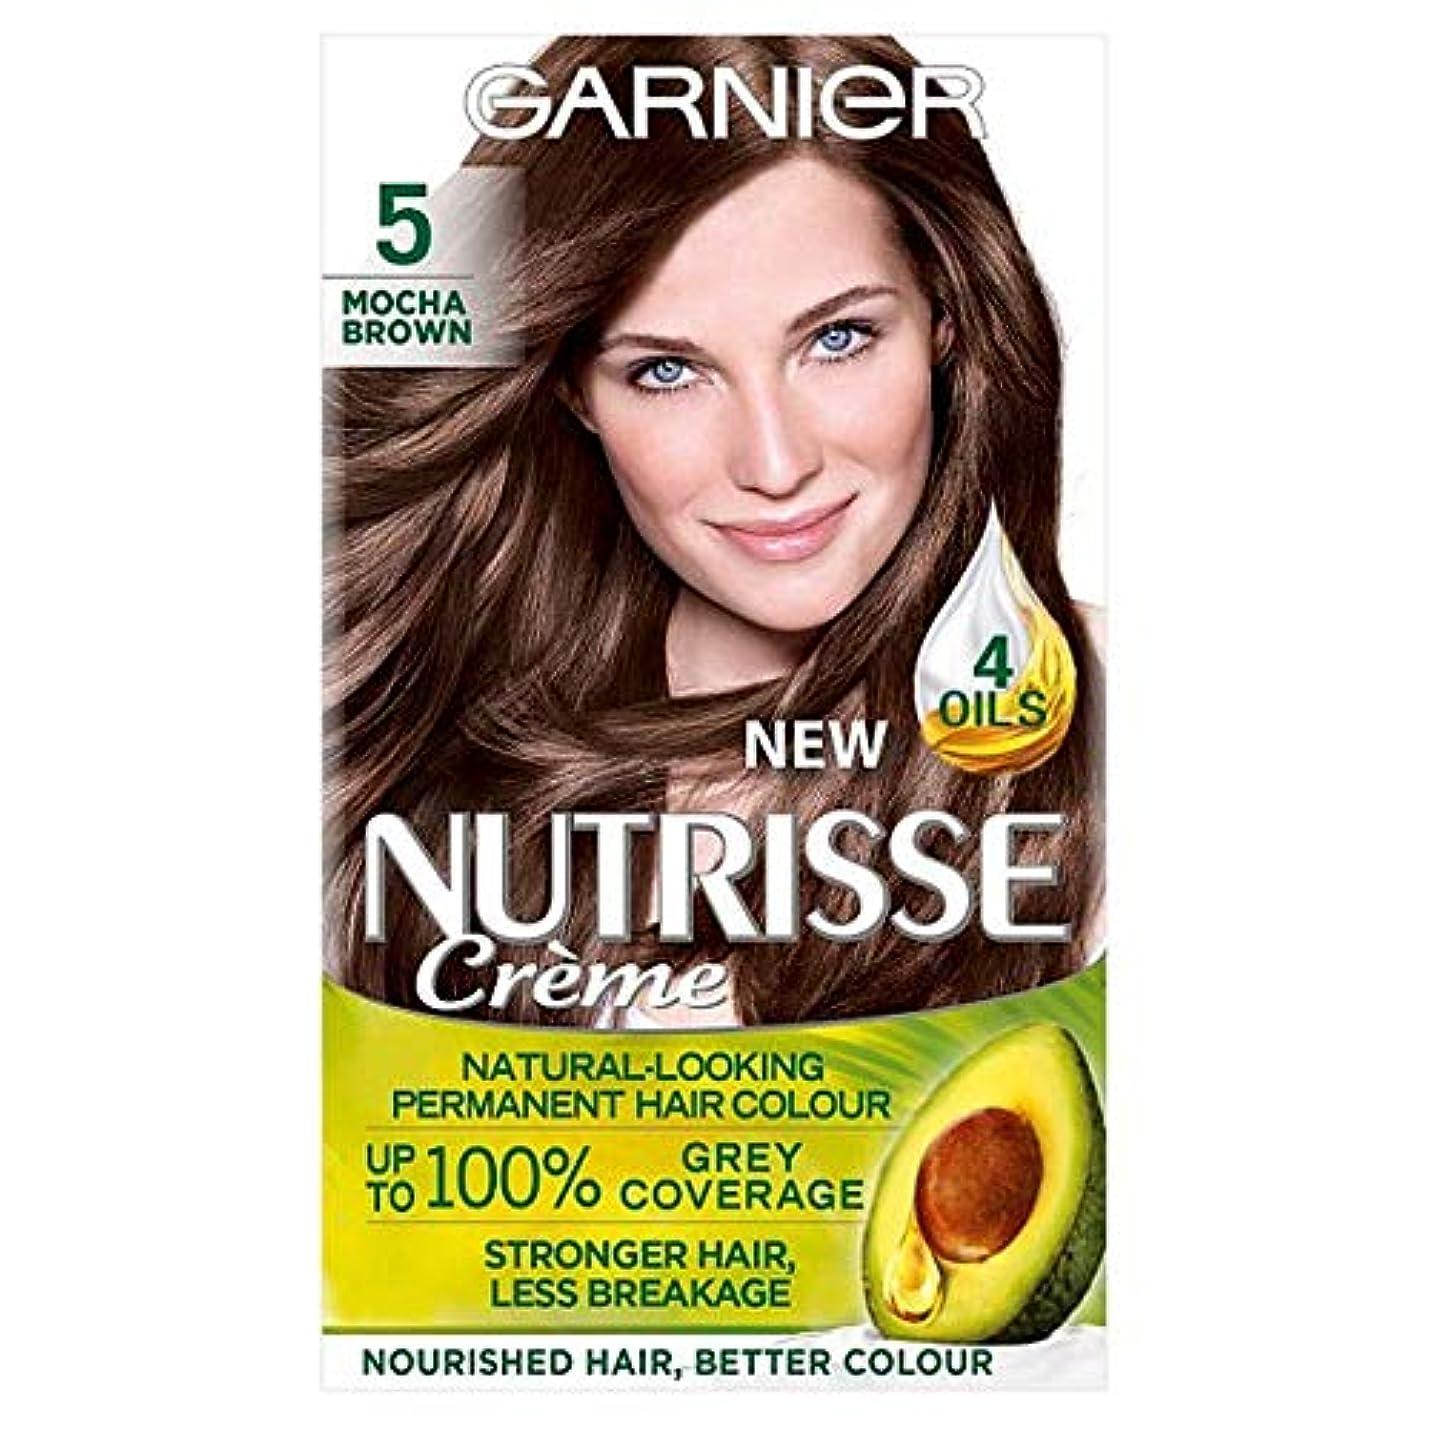 ヒョウ前部入手します[Nutrisse] 5茶色の永久染毛剤Nutrisseガルニエ - Garnier Nutrisse 5 Brown Permanent Hair Dye [並行輸入品]